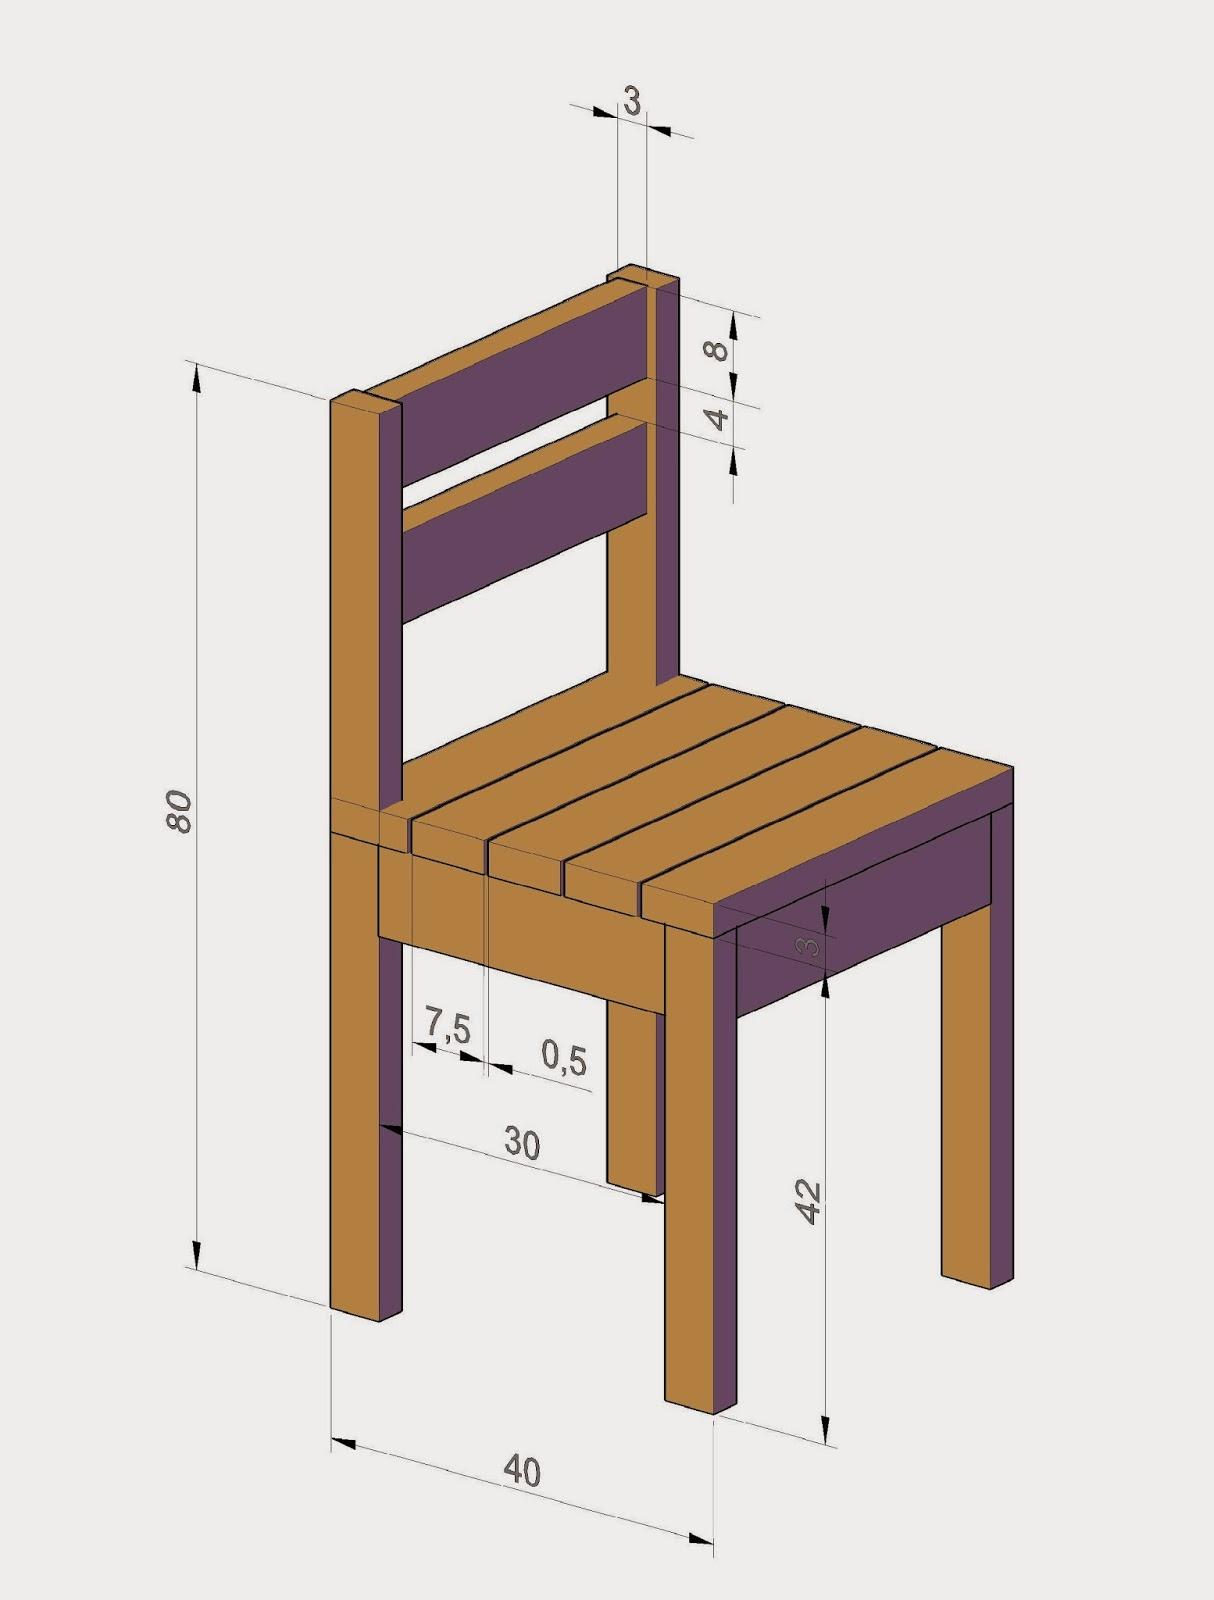 Aprende a dibujar con autocad ejercicio 3 una silla for Sillas para dibujar